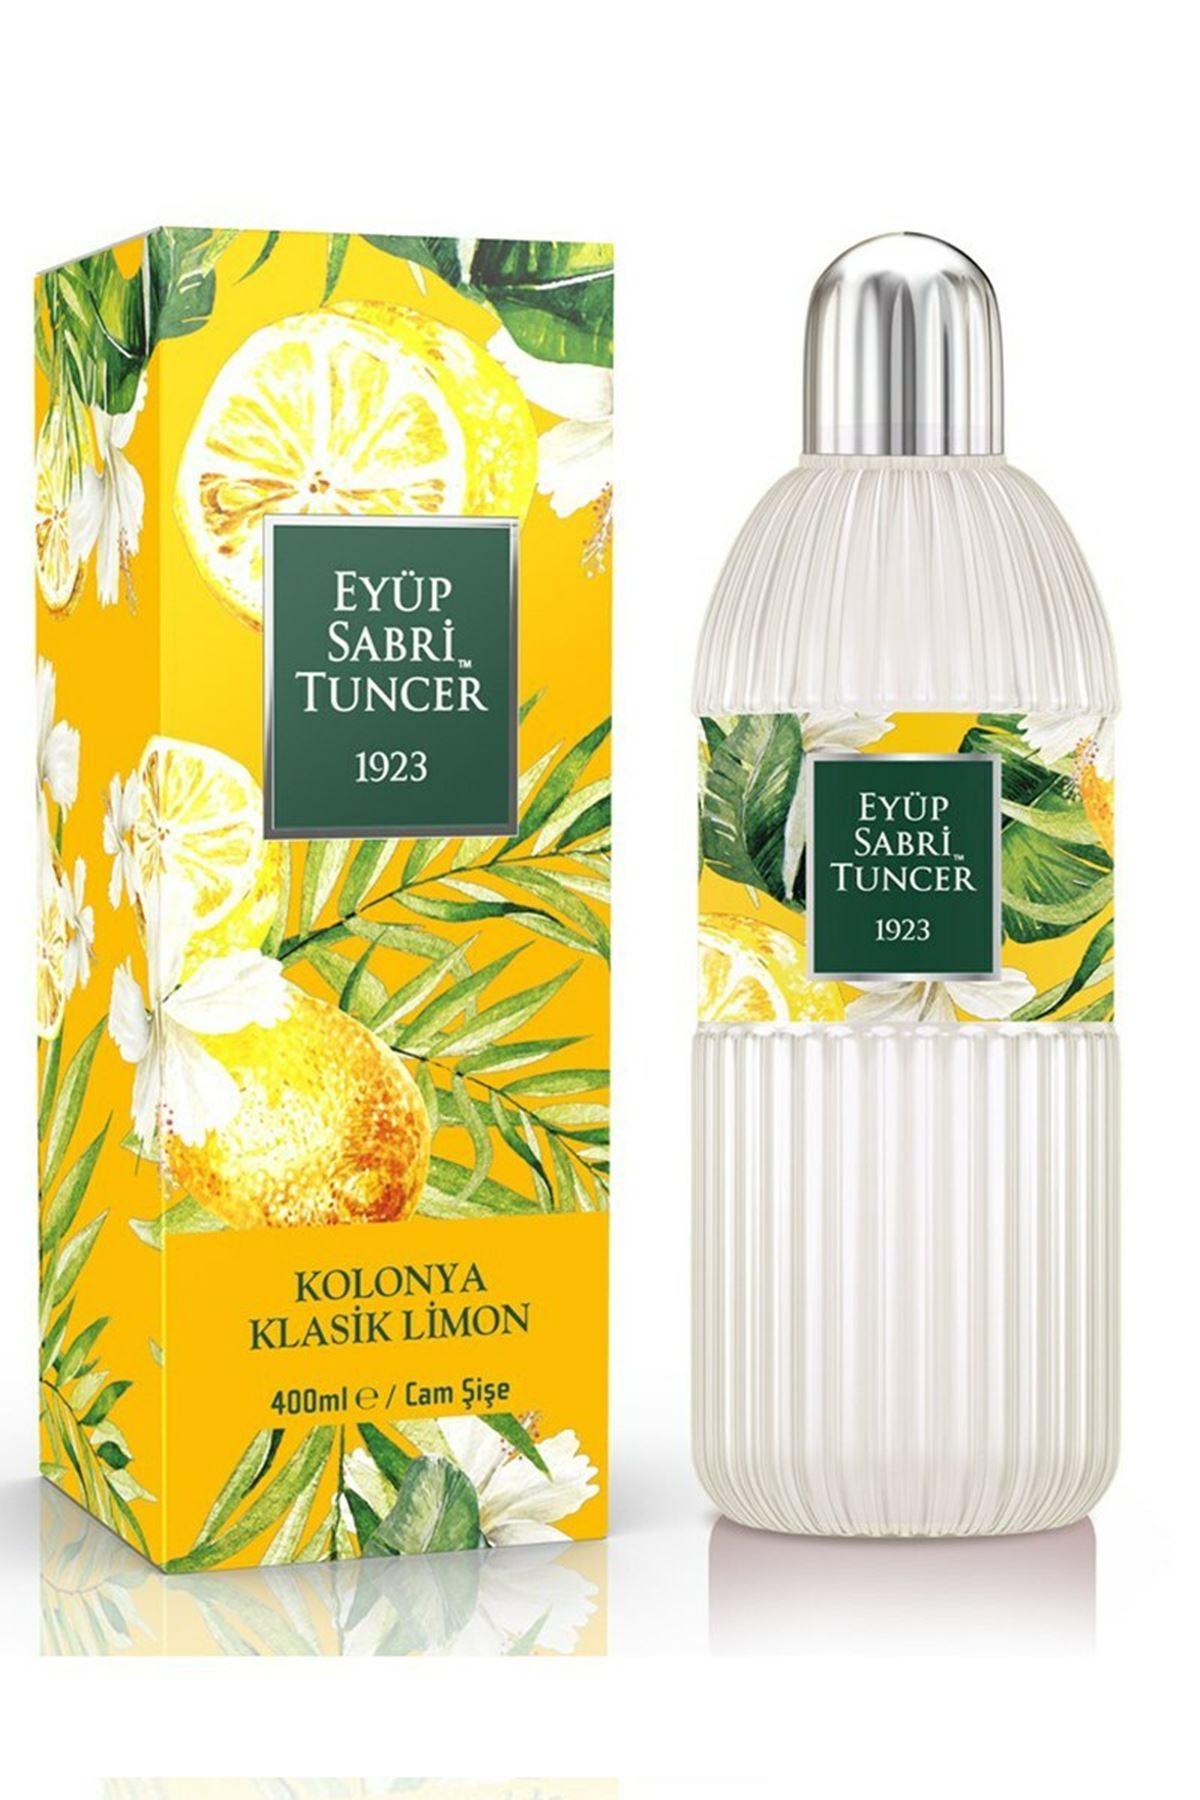 Eyüp Sabri Tuncer Klasik Limon Kolonyası 400 ml - Cam Şişe